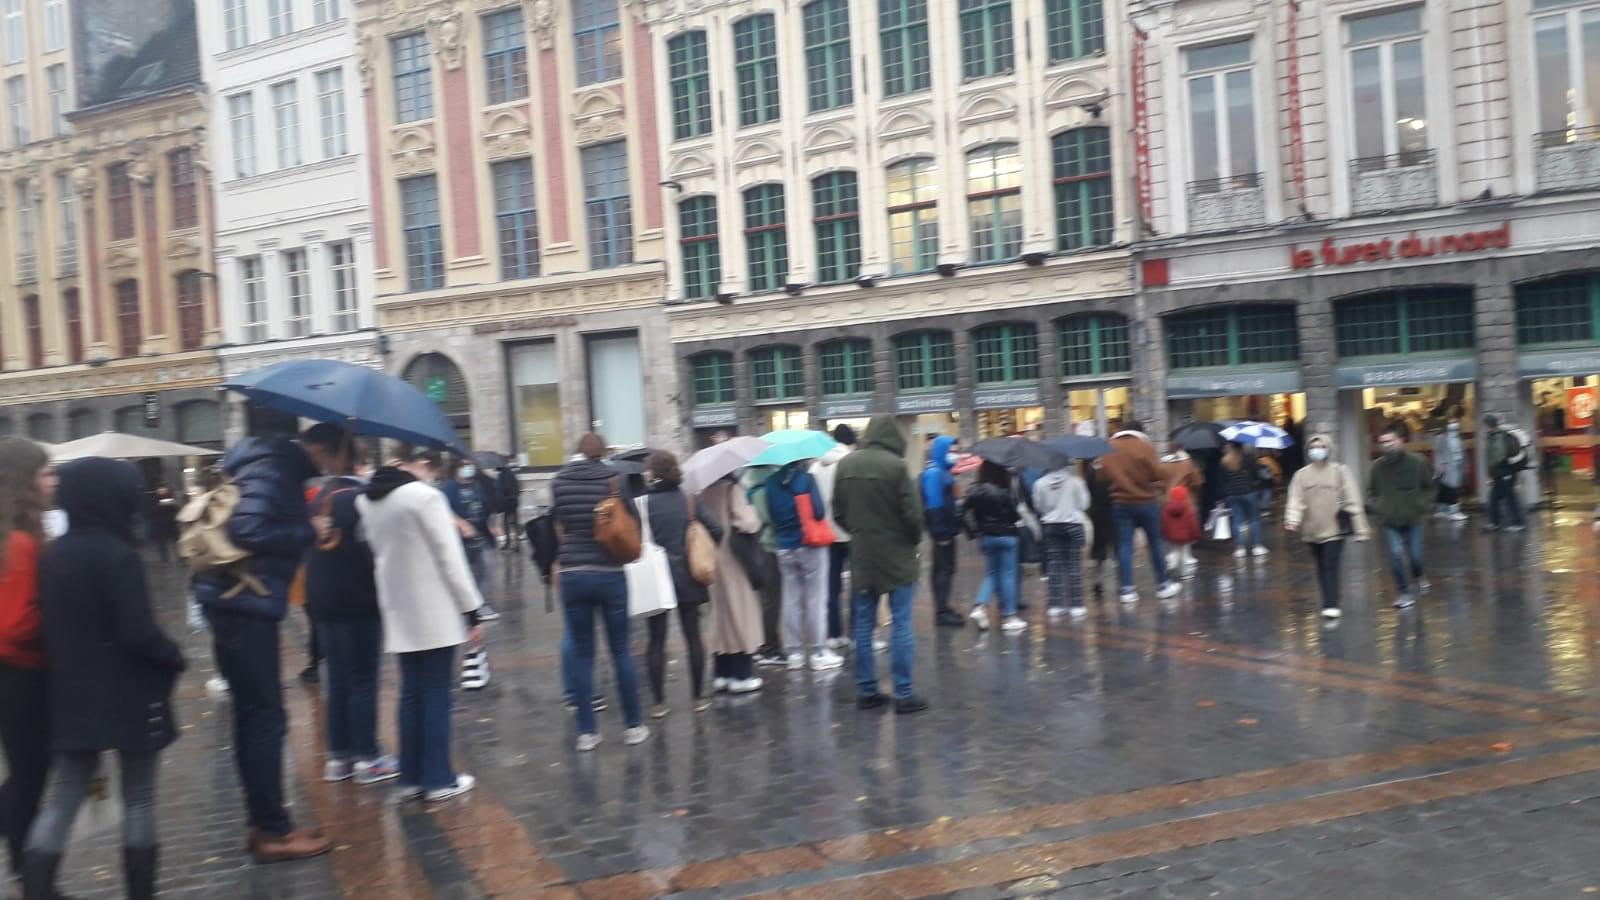 Francia, code davanti alle librerie prima che chiudano per il lockdown. La foto è virale